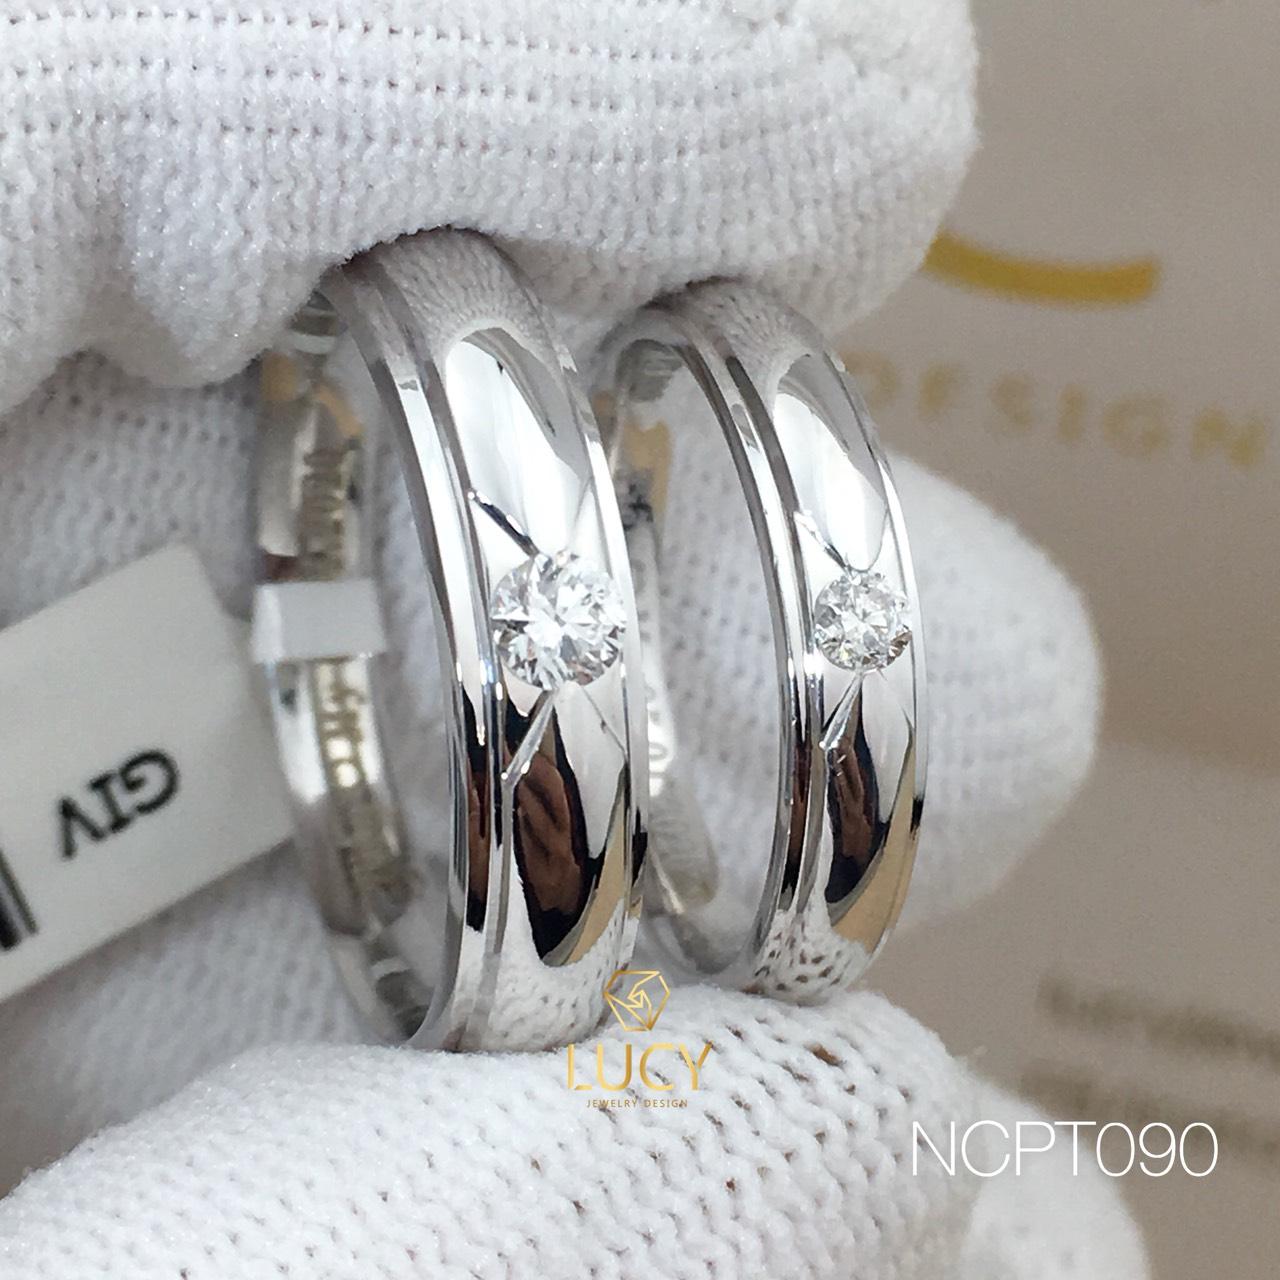 NCPT090 Nhẫn cưới bạch kim cao cấp Platinum 90% PT900 đính kim cương tự nhiên - Lucy Jewelry